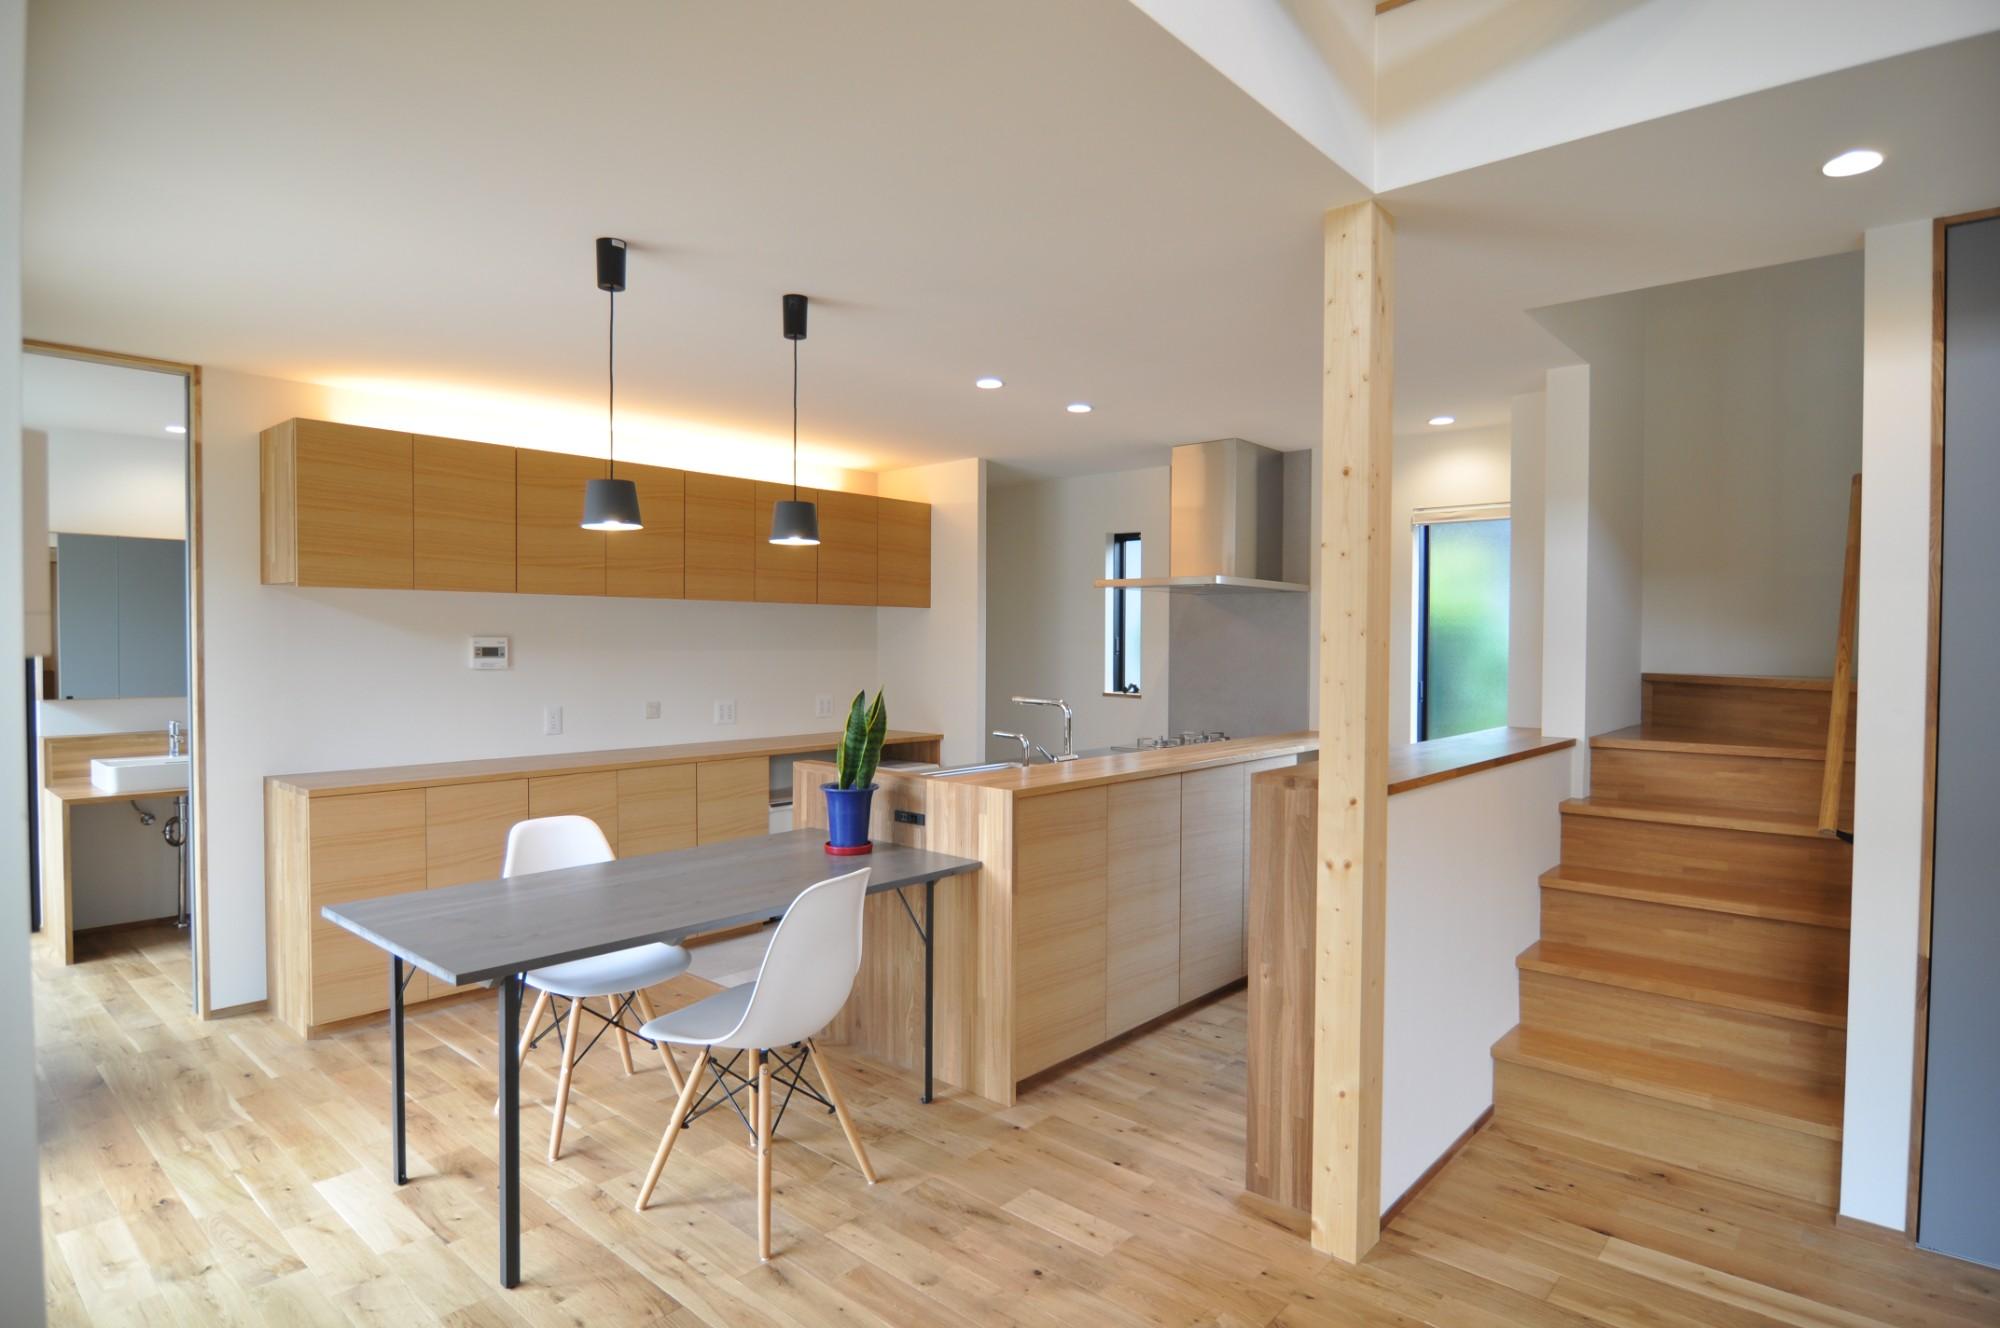 有限会社 市川建築店 1級建築士事務所「オーク床とエッグウォールの調湿住宅(認定低炭素住宅)」のシンプル・ナチュラルなキッチンの実例写真